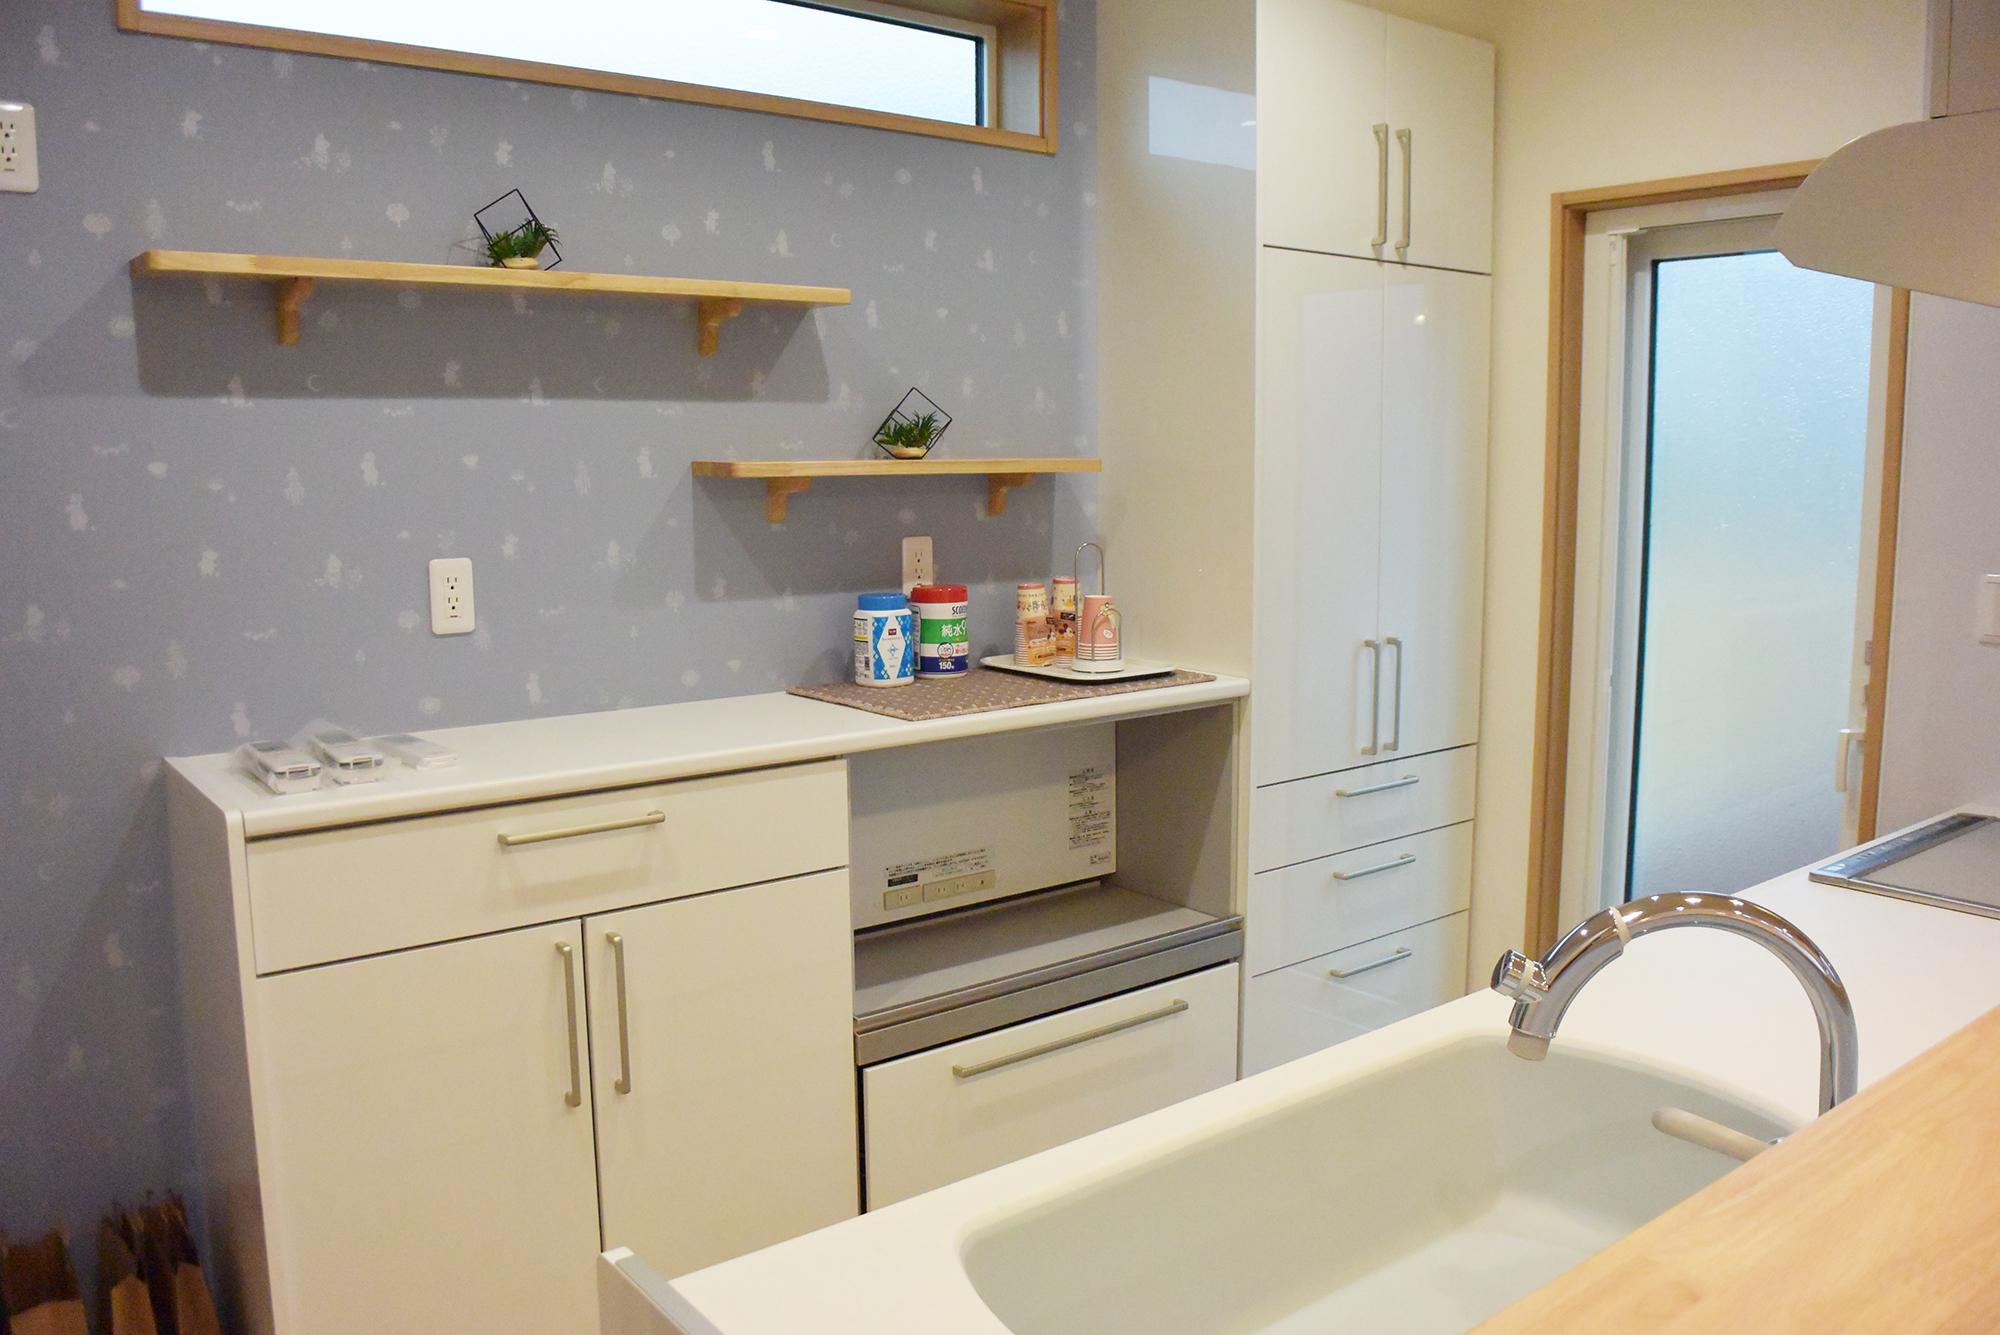 キッチンから浴室まで水廻り動線が直線状に配置されています。